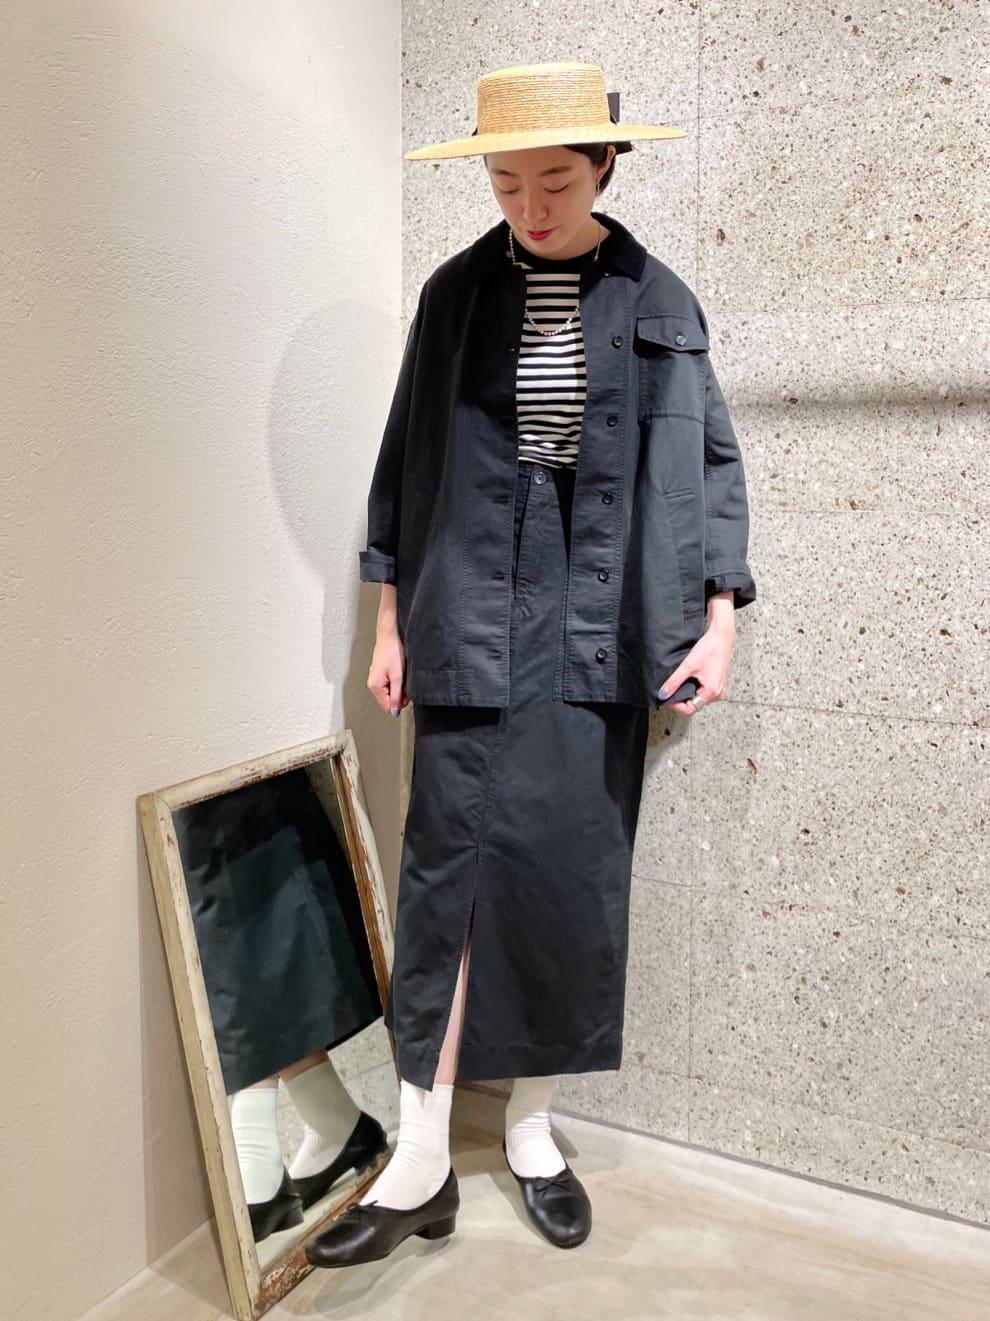 yuni ニュウマン横浜 身長:166cm 2021.08.28